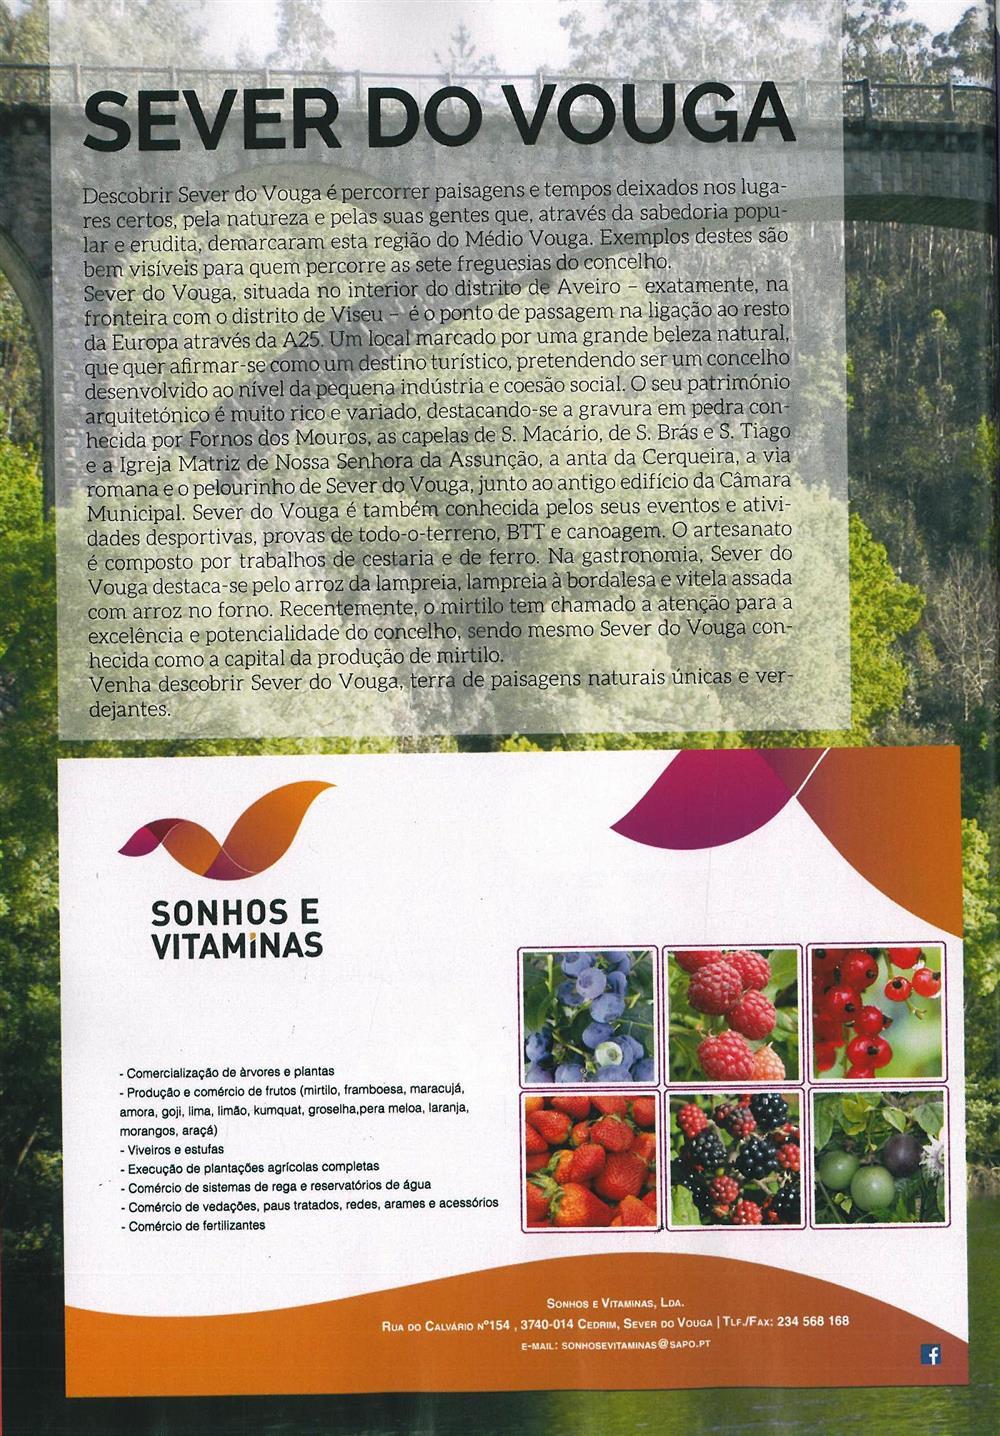 P.emD.-jun.'17-p.100-Sever do Vouga : sonhos e vitaminas.jpg